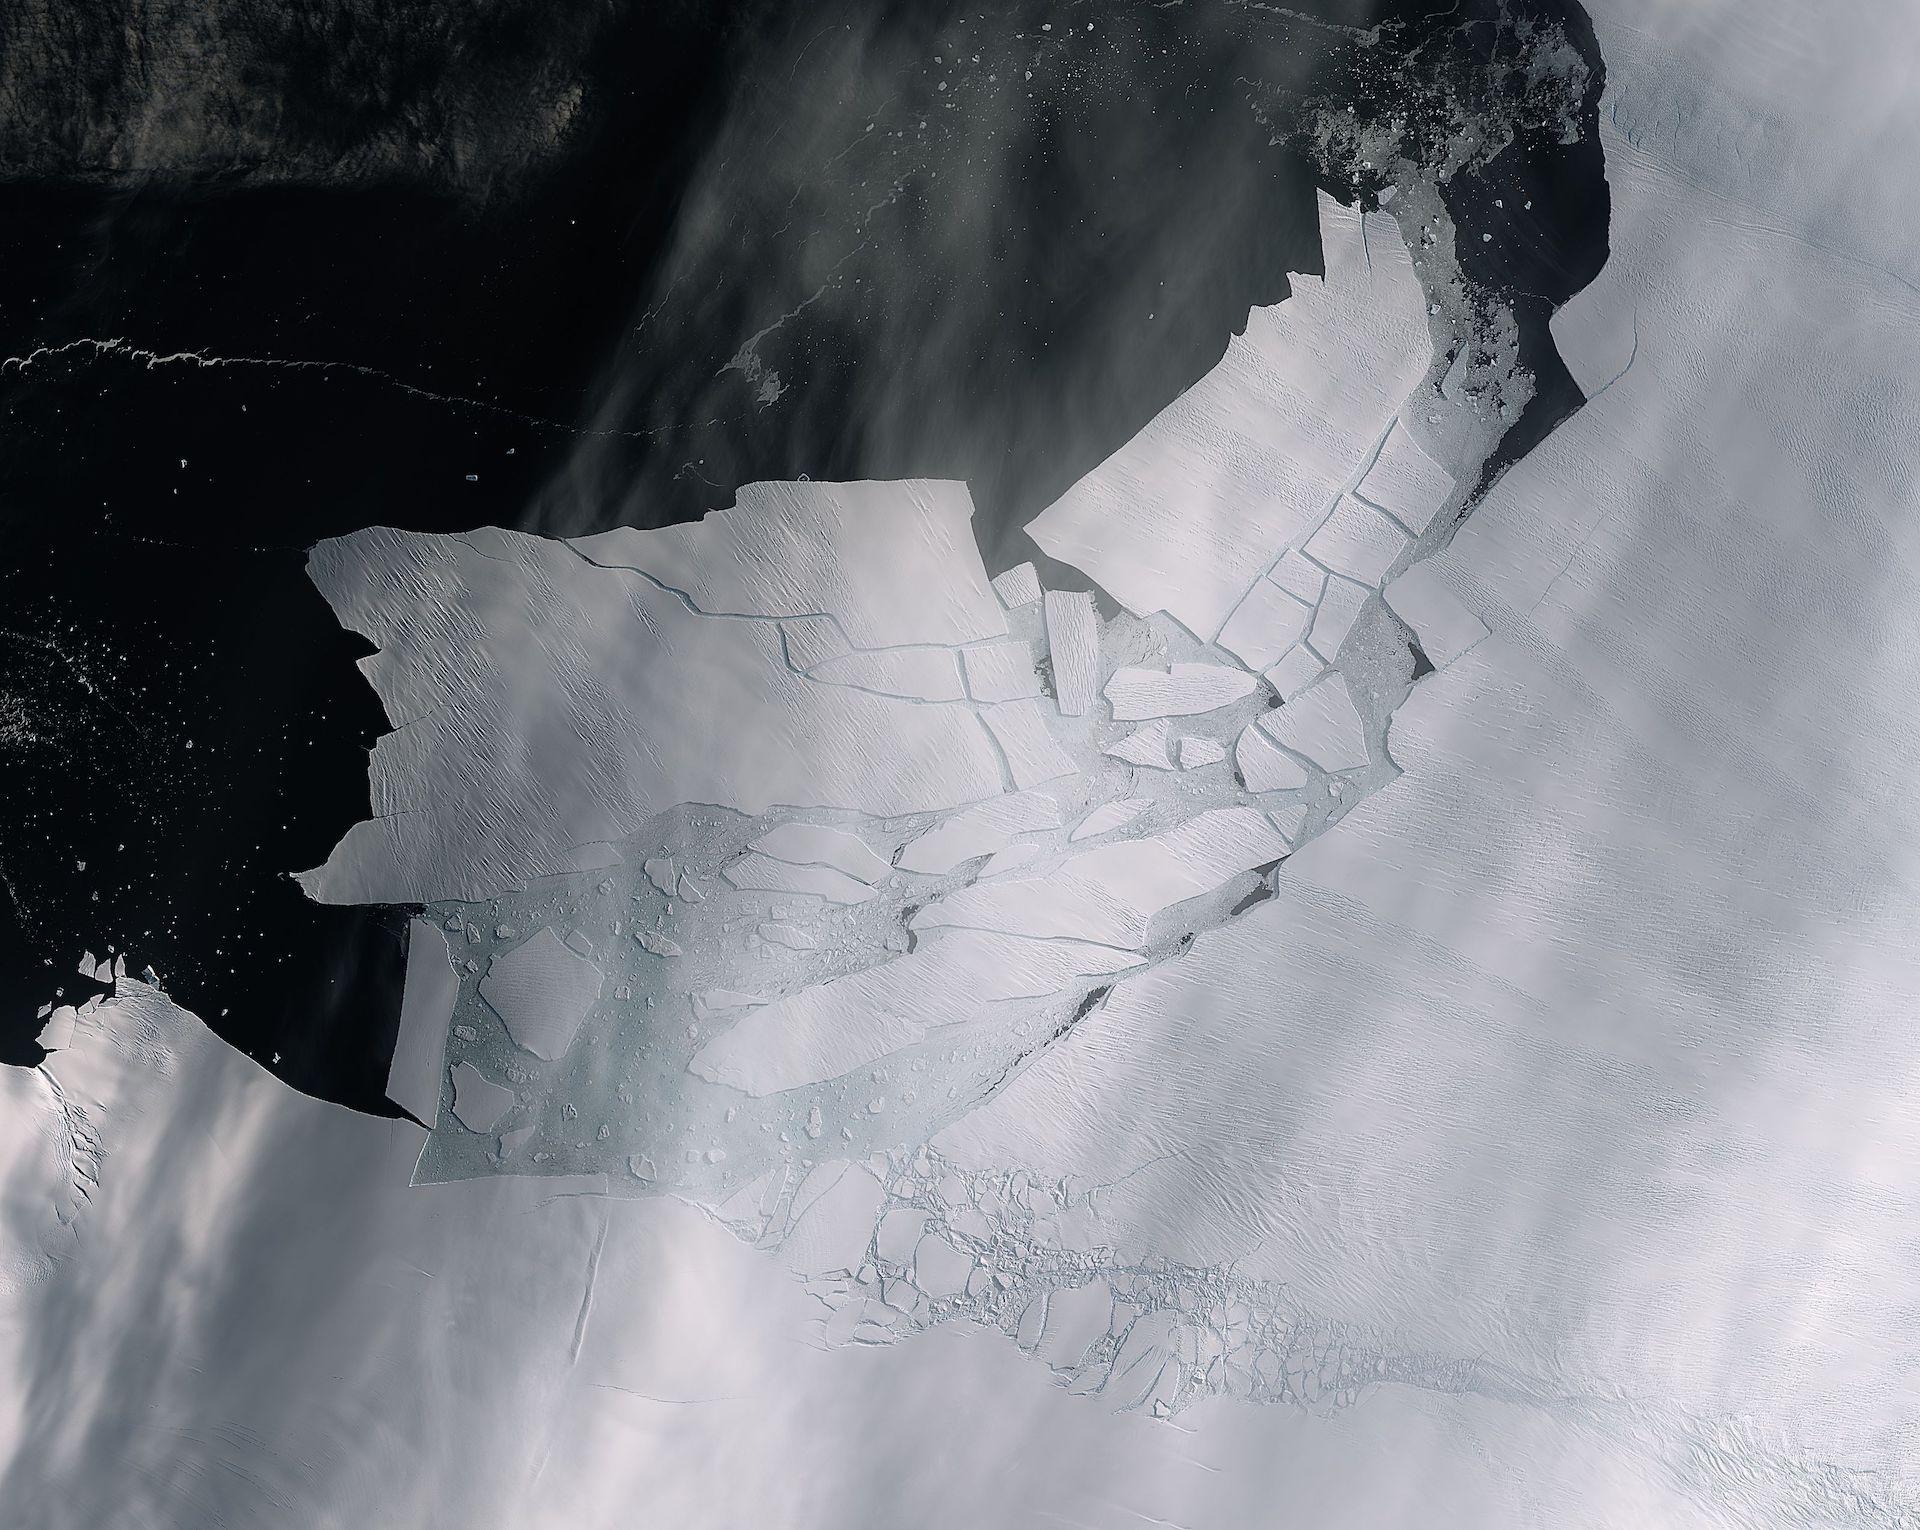 Un iceberg del tamaño de Malta se desprendió de un glaciar en la Antártida